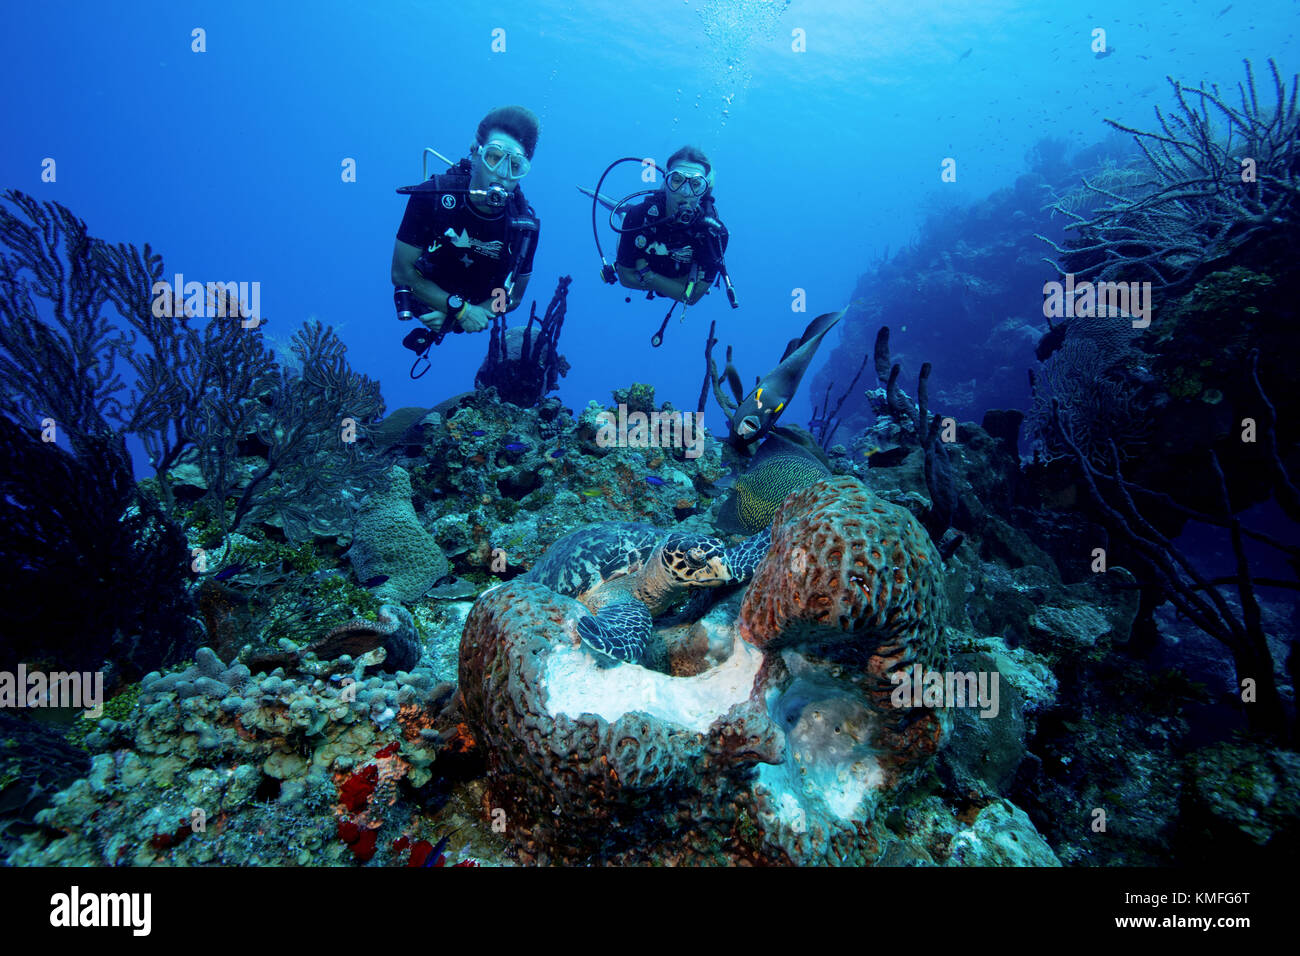 Los buceadores ver la interacción de diferentes especies de vida marina, tienen acceso a la misma fuente de alimentos. Foto de stock